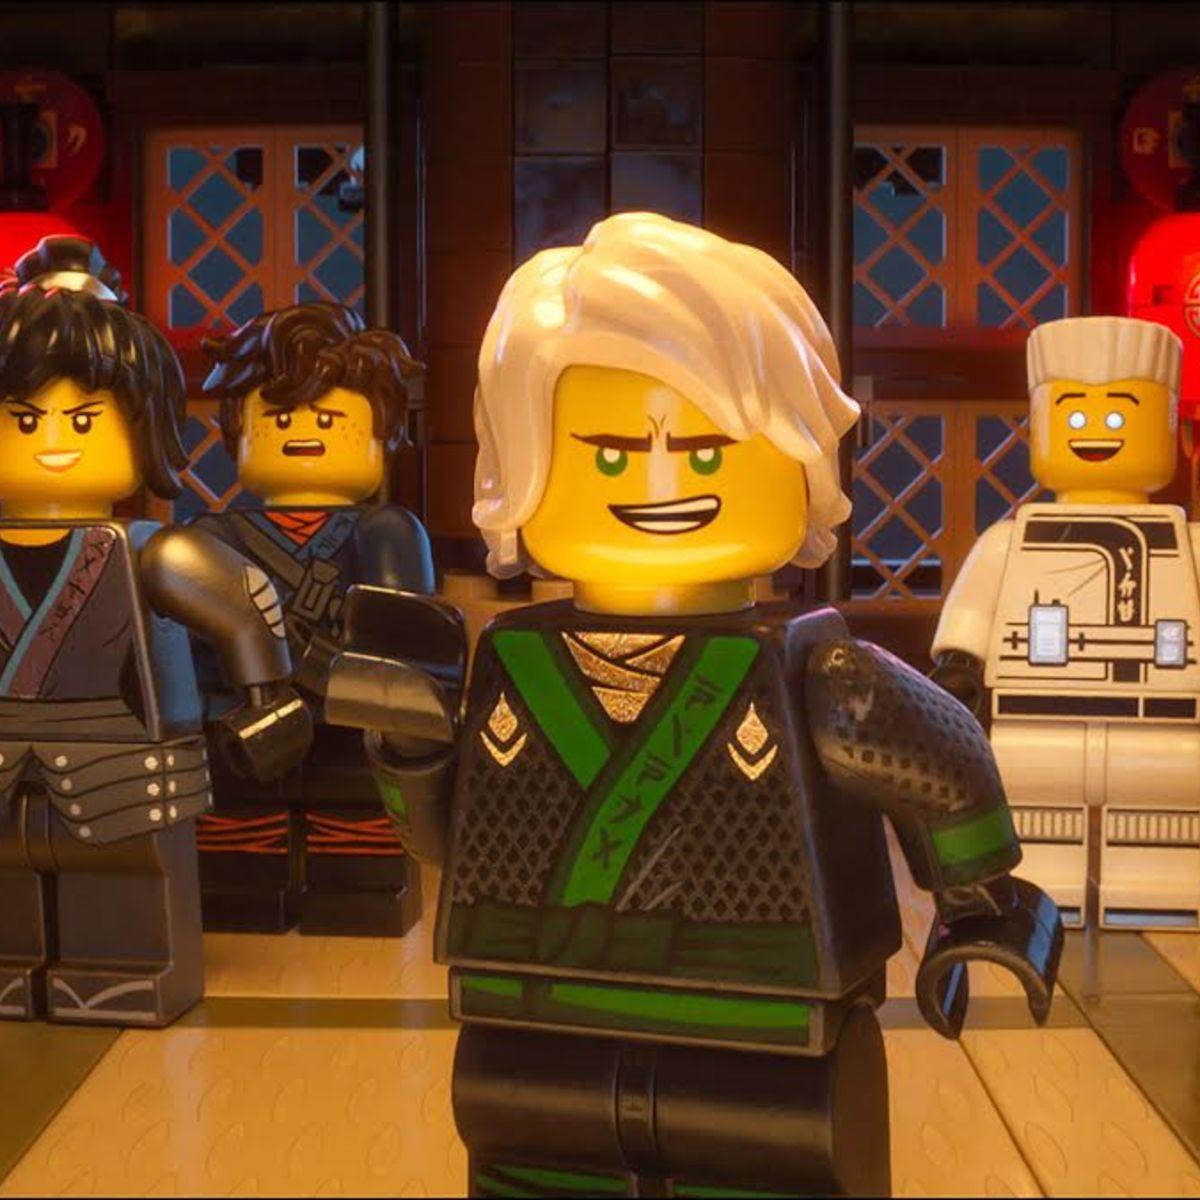 LEGO-NINJAGO-Movie-still-2_0.jpg